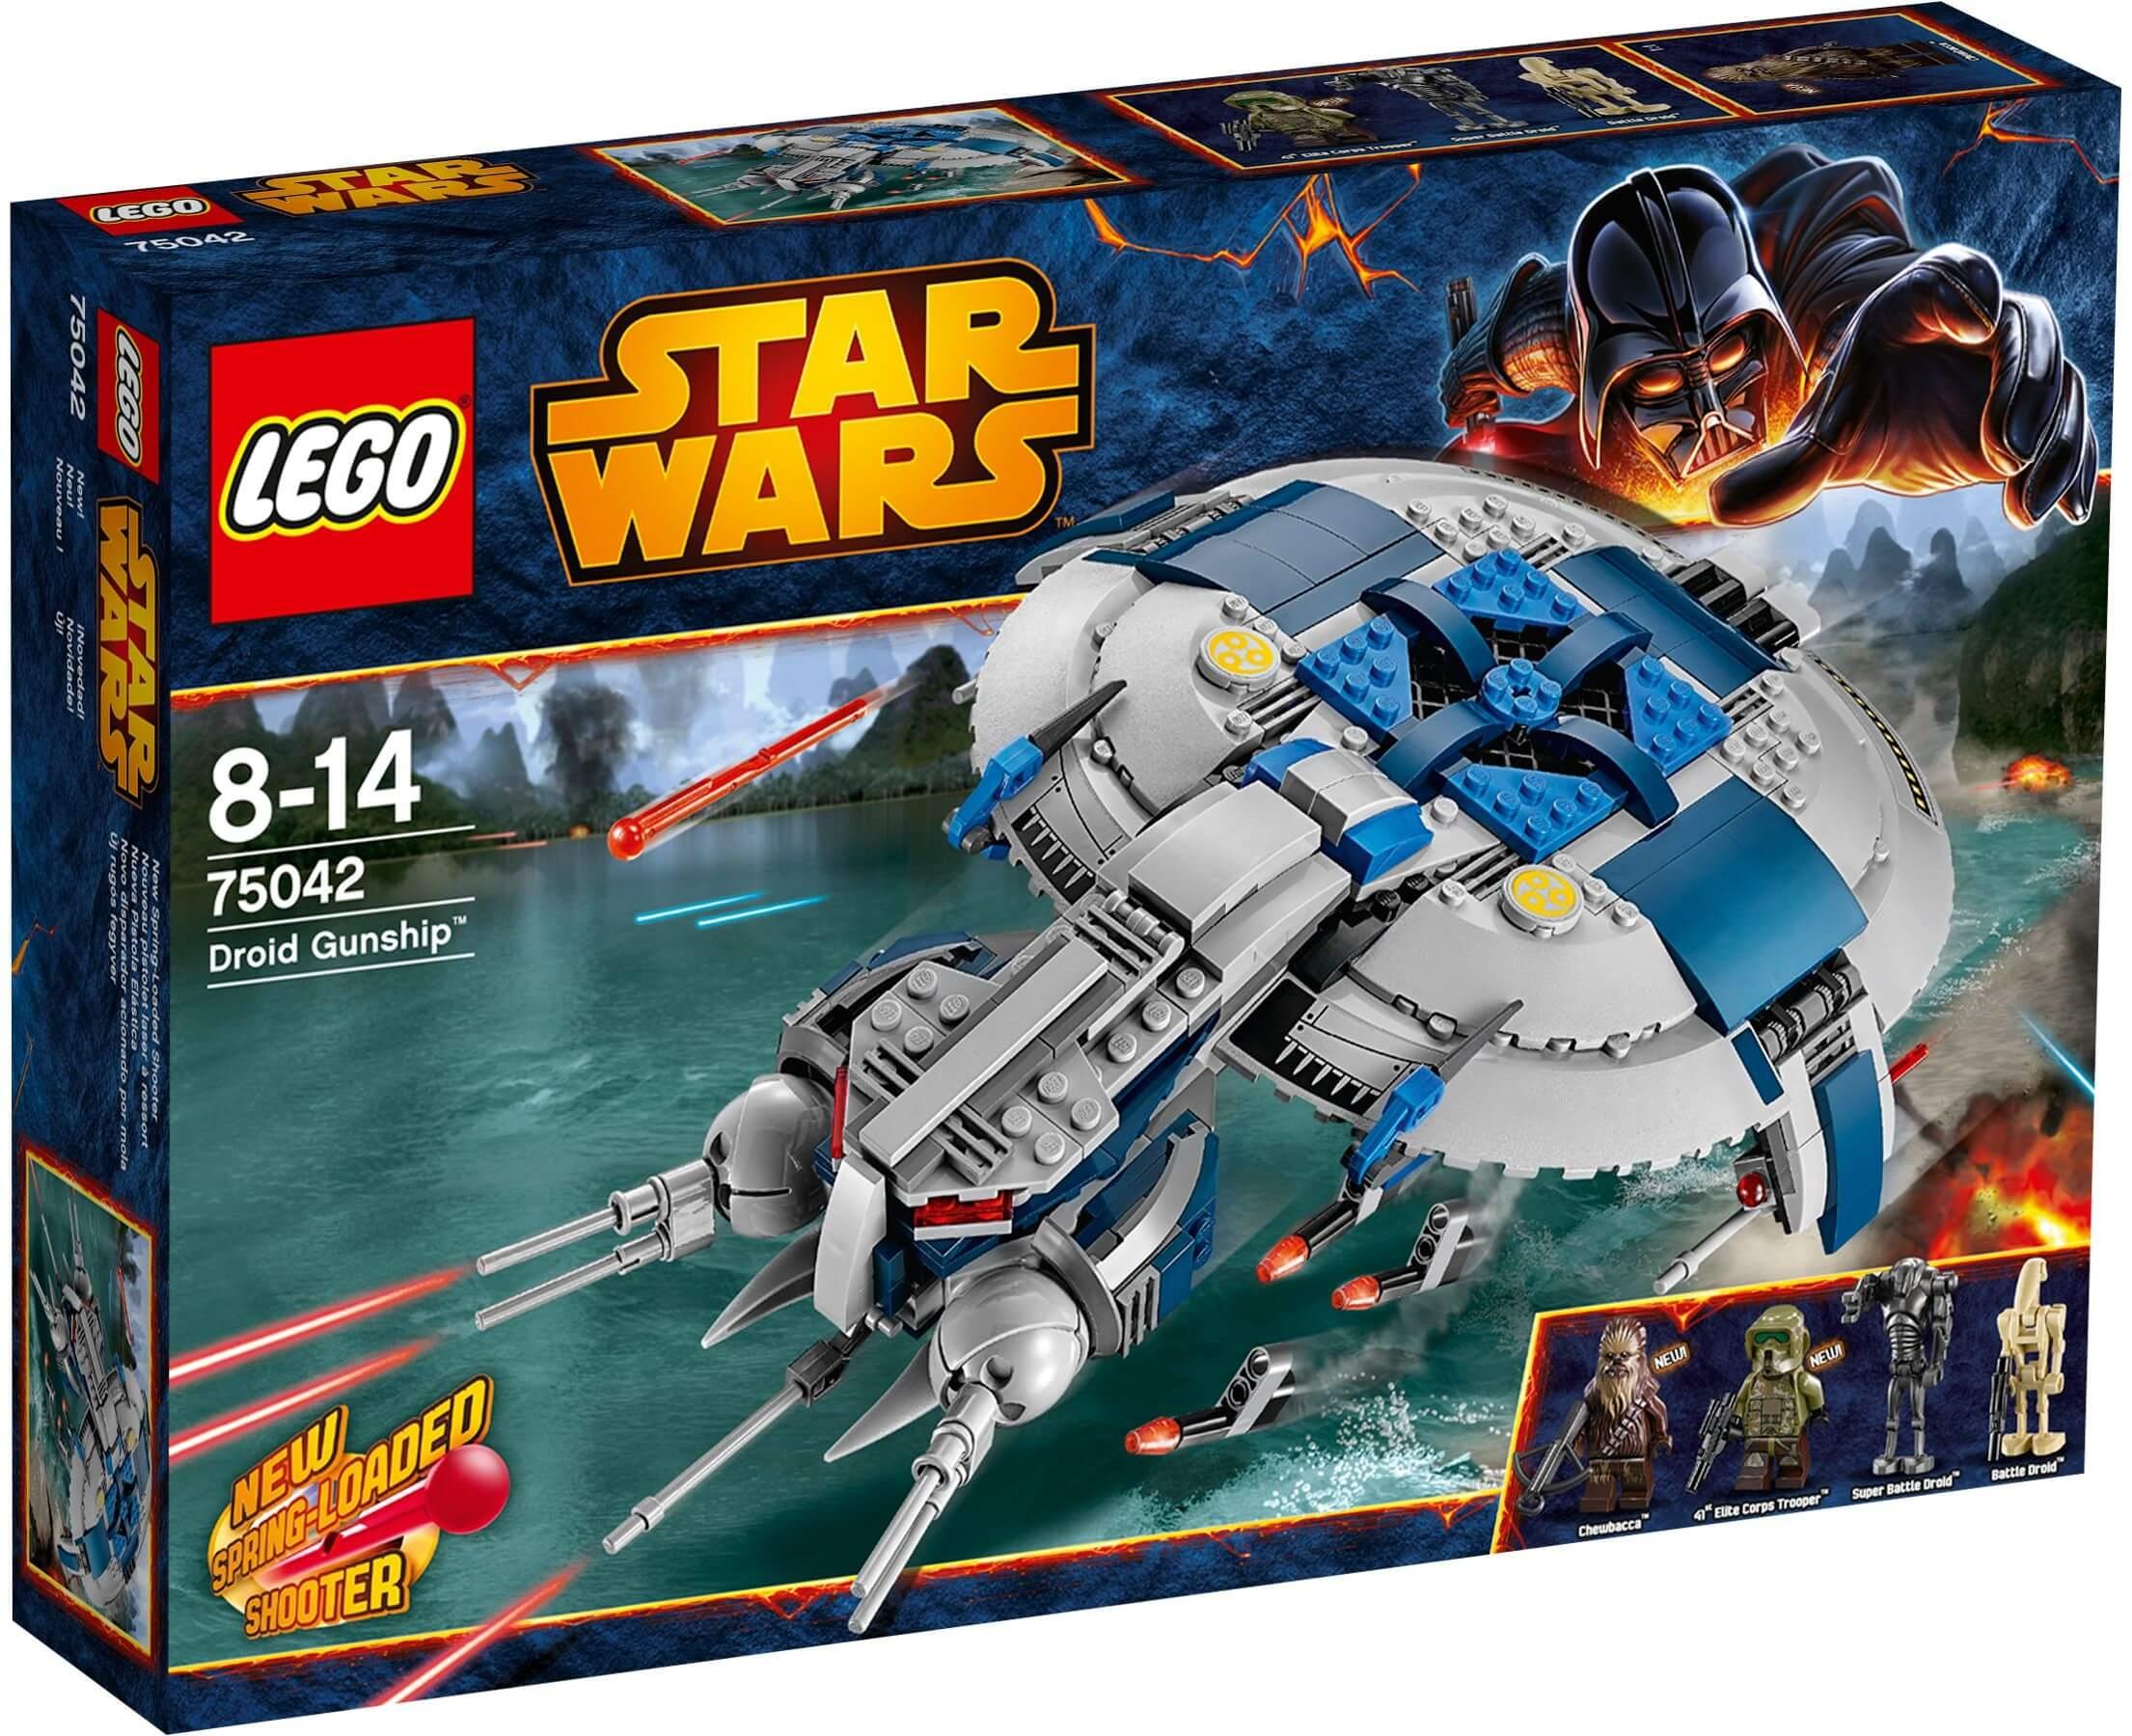 Mua đồ chơi LEGO 75042 - LEGO Star Wars 75042 - Tàu súng Chủ lực của binh đoàn Droid (LEGO Star Wars Droid Gunship 75042)